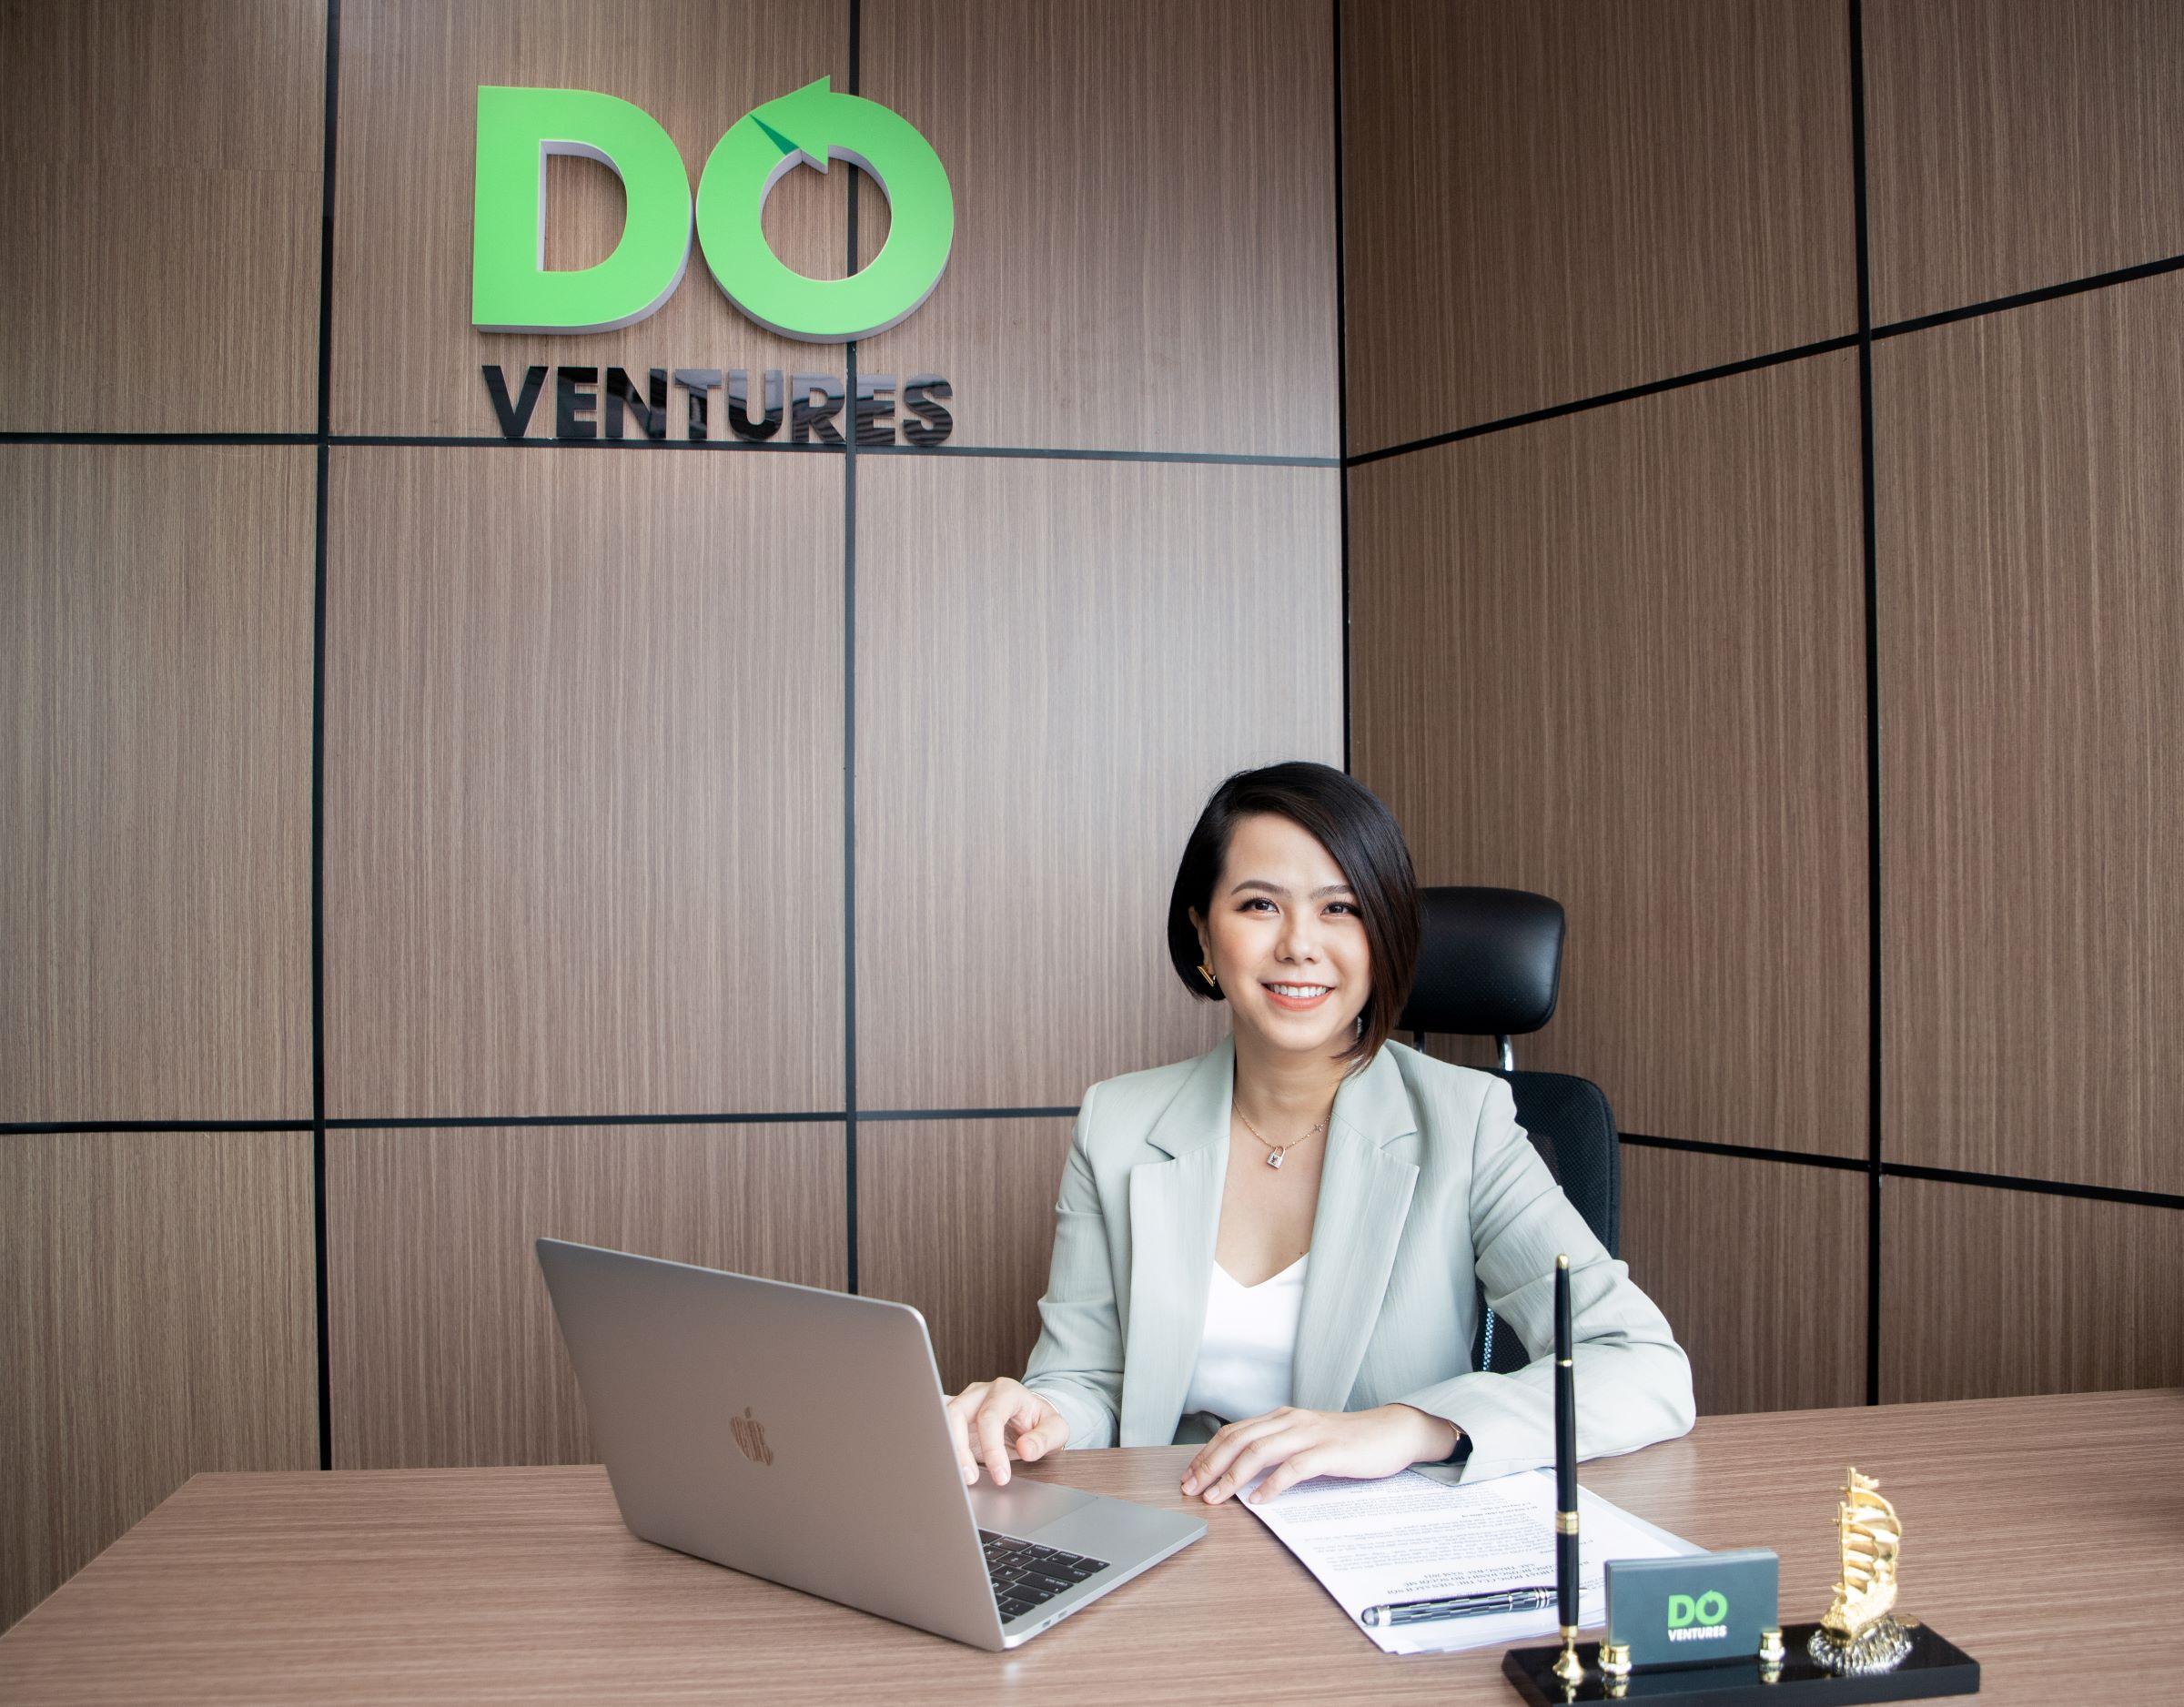 Bà Lê Hoàng Uyên Vy - Giám đốc điều hành Do Ventures, quỹ đầu tư mạo hiểm dẫn dắt vòng gọi vốn Pre-Series A vào MFast. Ảnh: NVCC.